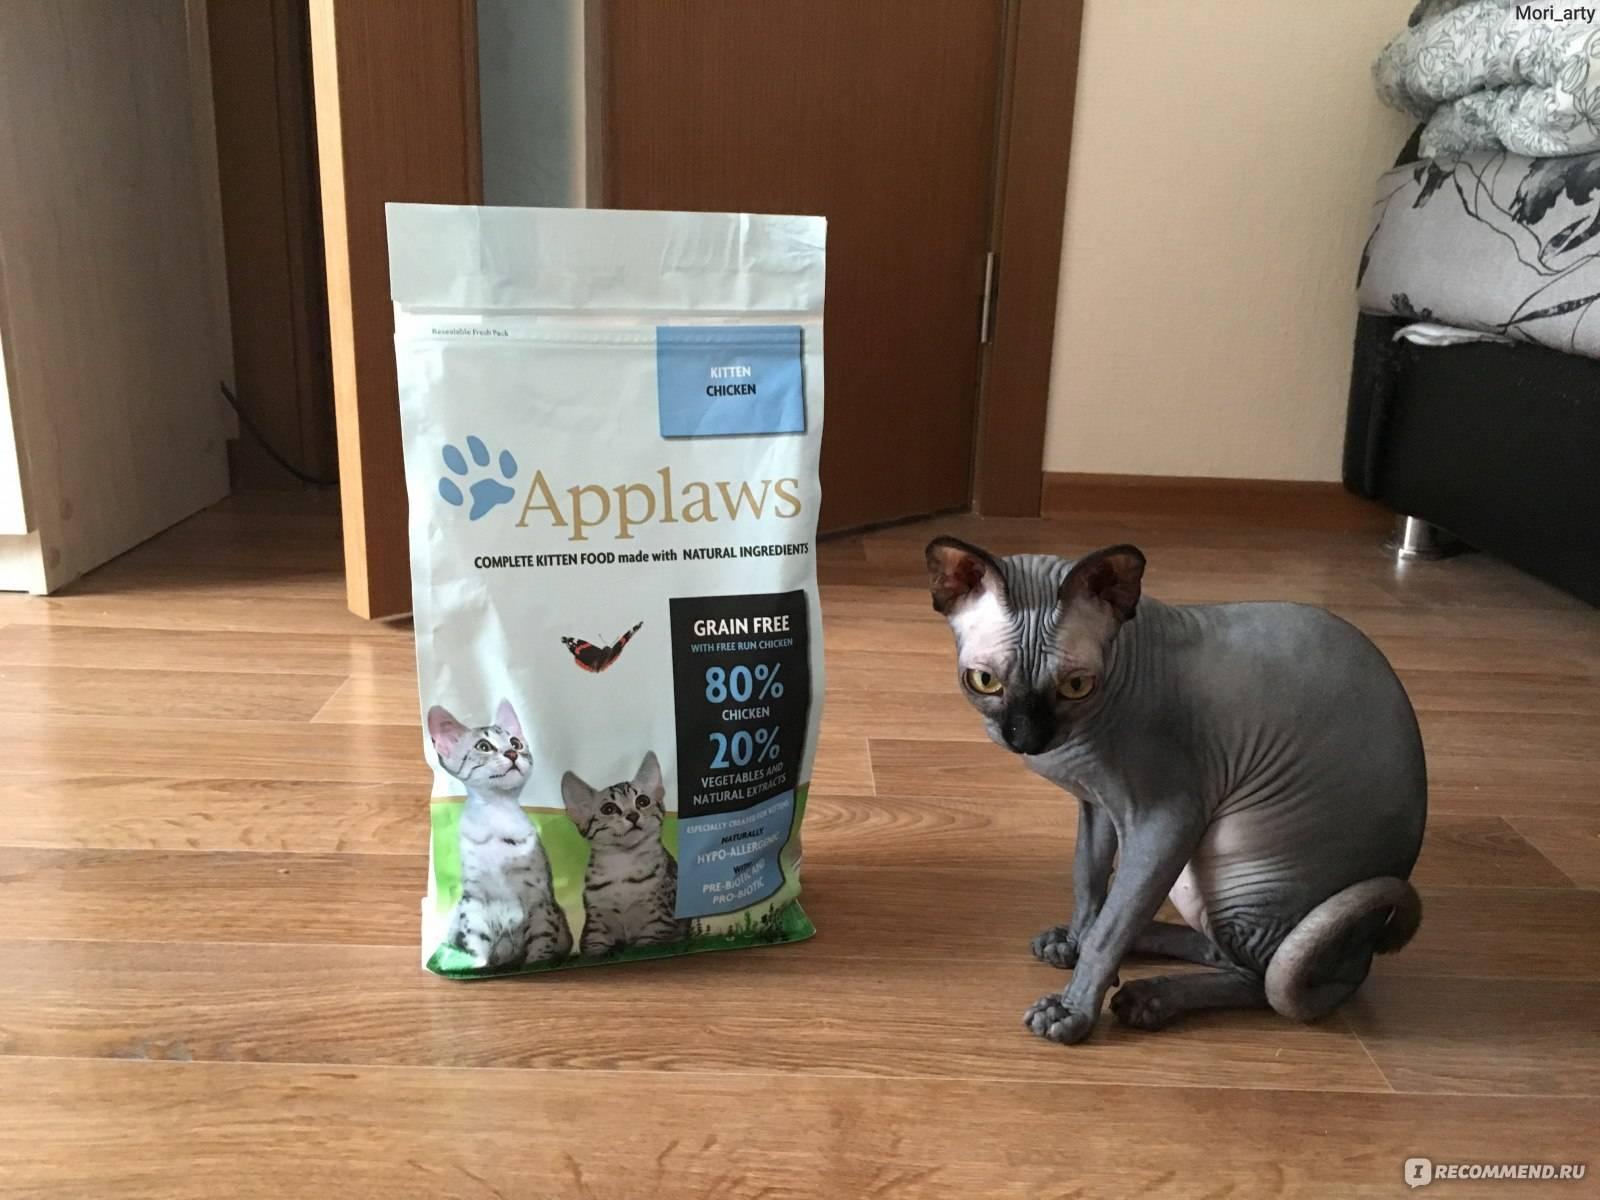 Чем кормить сфинкса: котенка 2 месяца и взрослую лысую кошку, донского или канадского